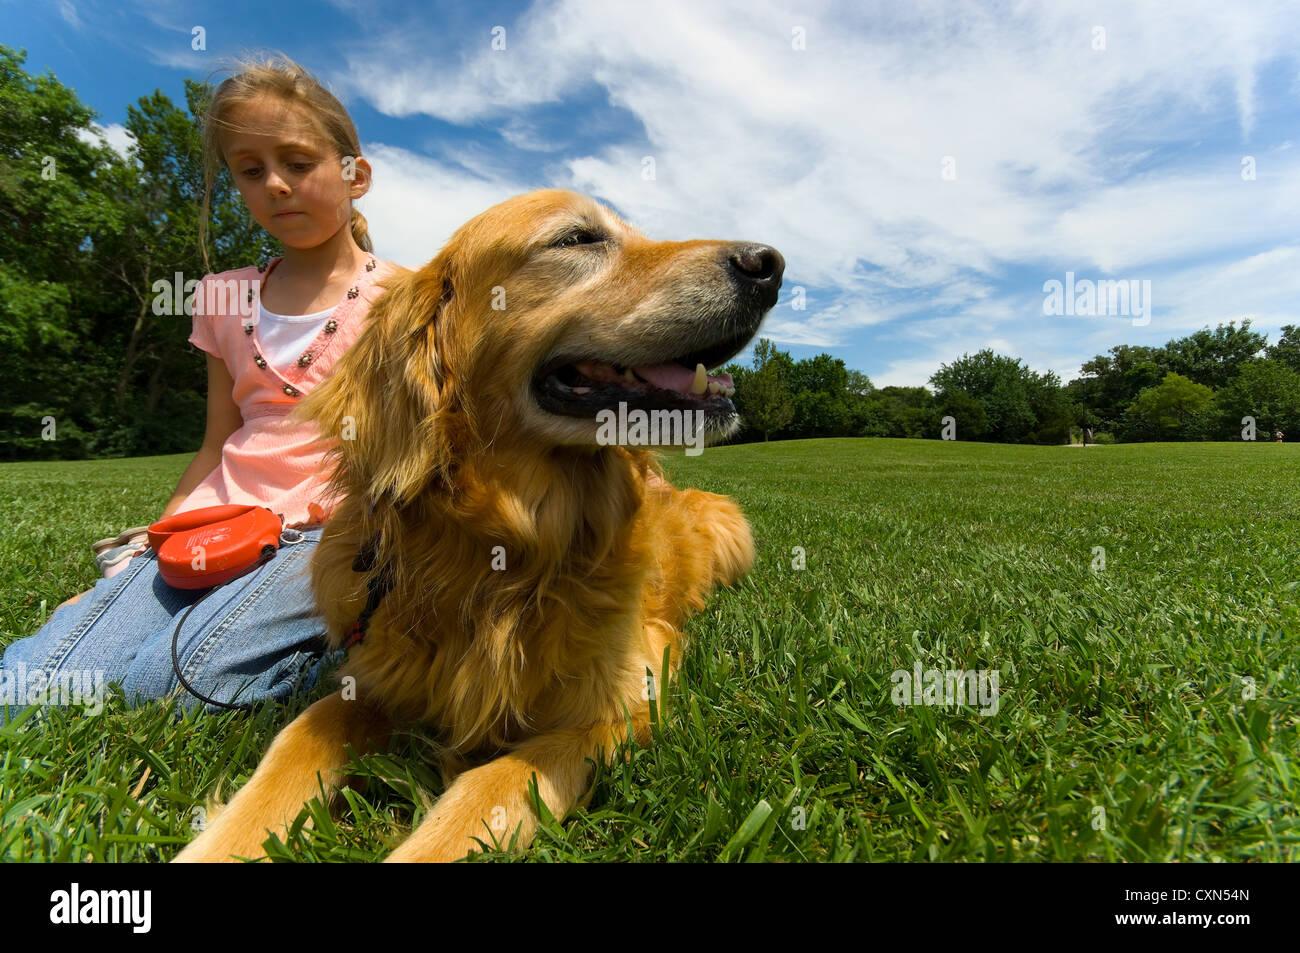 Junges Mädchen im Park mit Haustier HundStockfoto